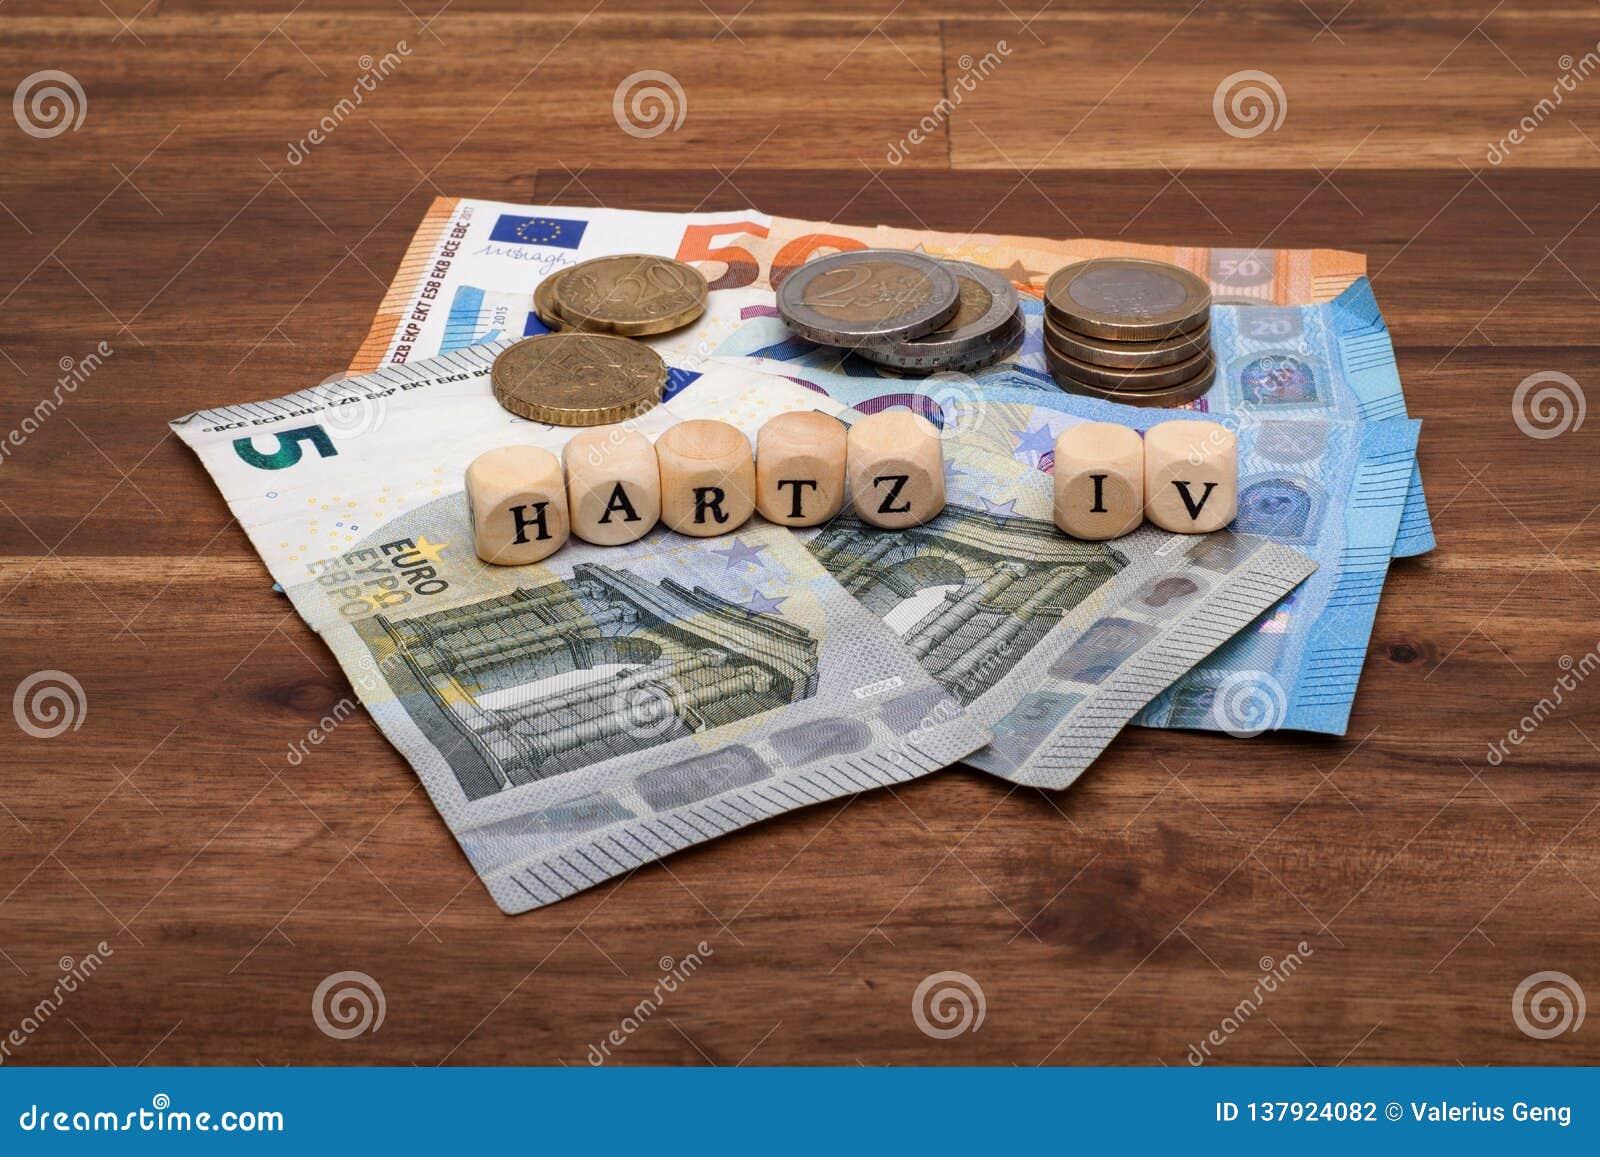 Bienestar básico Solidarisches alemán Grundeinkommen Hartz IV del subsidio de desempleo de la renta de la muestra